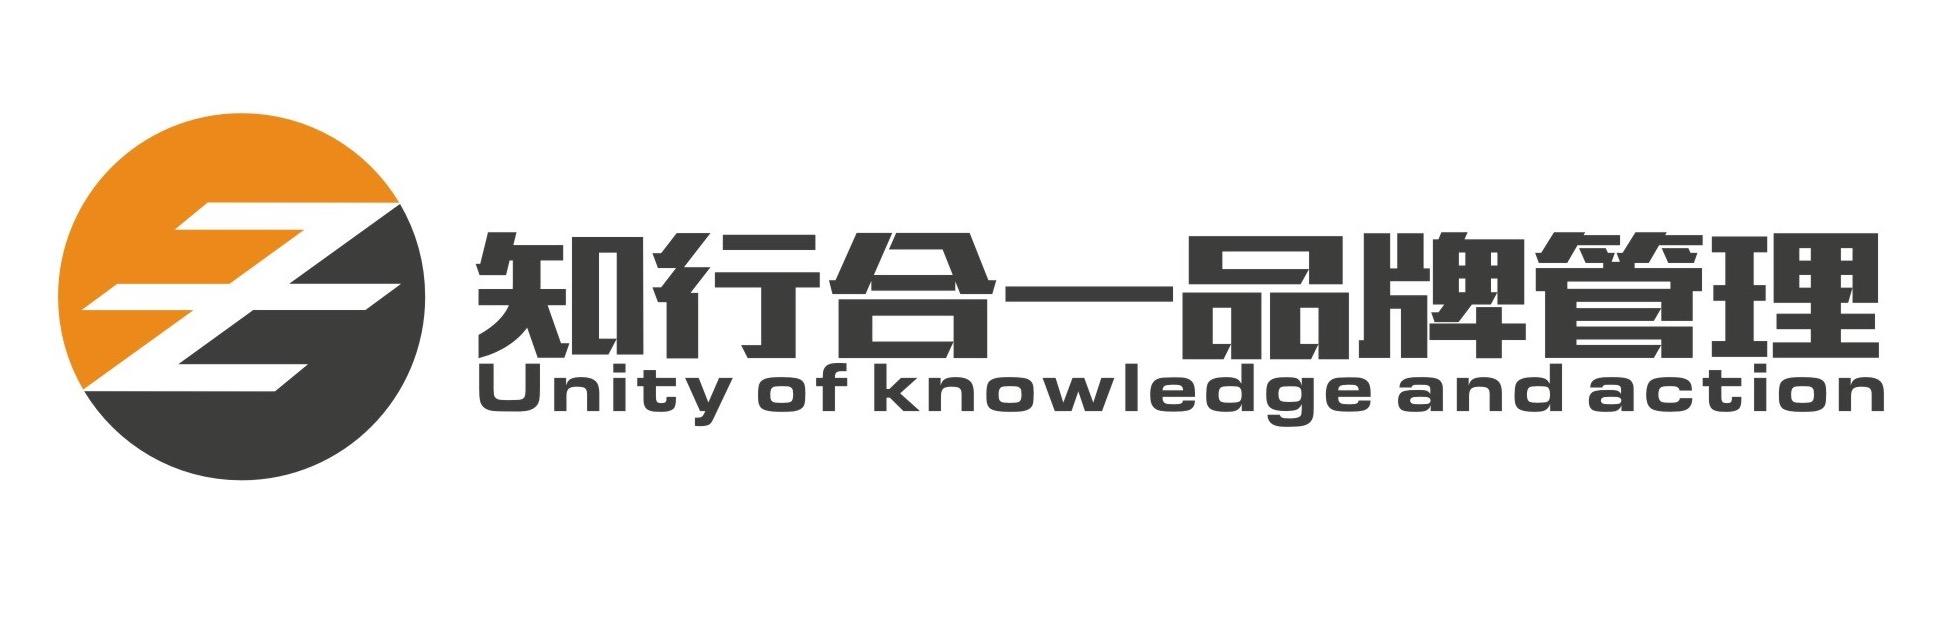 珠海知行合一品牌管理有限公司中山辦事處